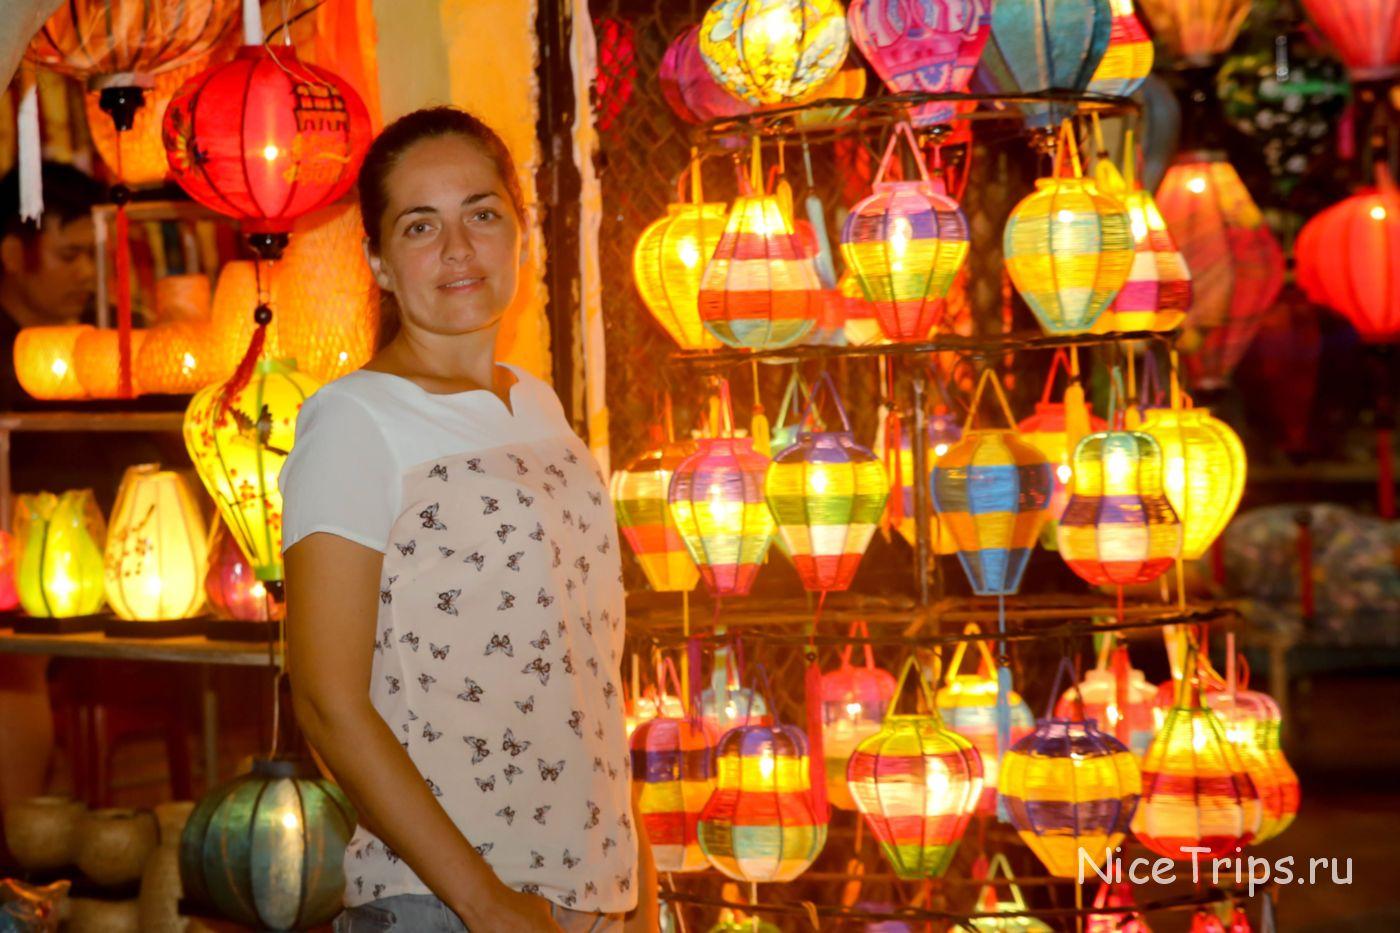 Фото в Хойане при свете фонарей